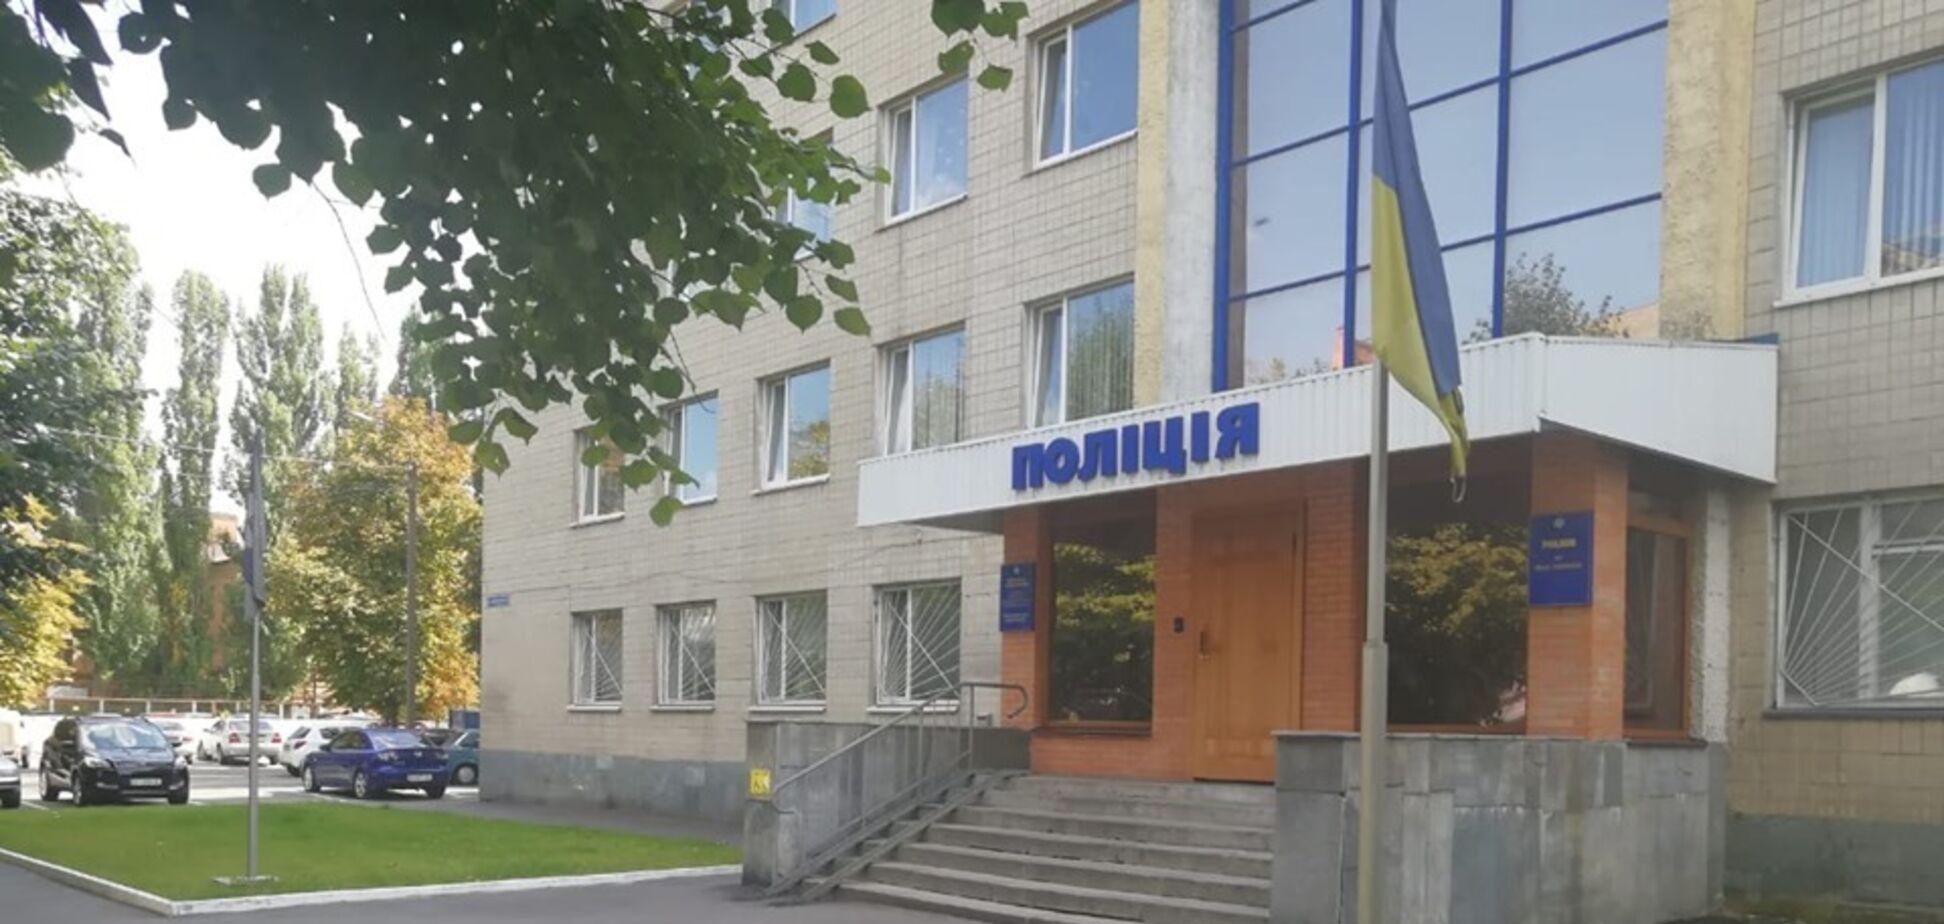 Викрали із зупинки громадського транспорту: на Київщині побили та зґвалтували жінку